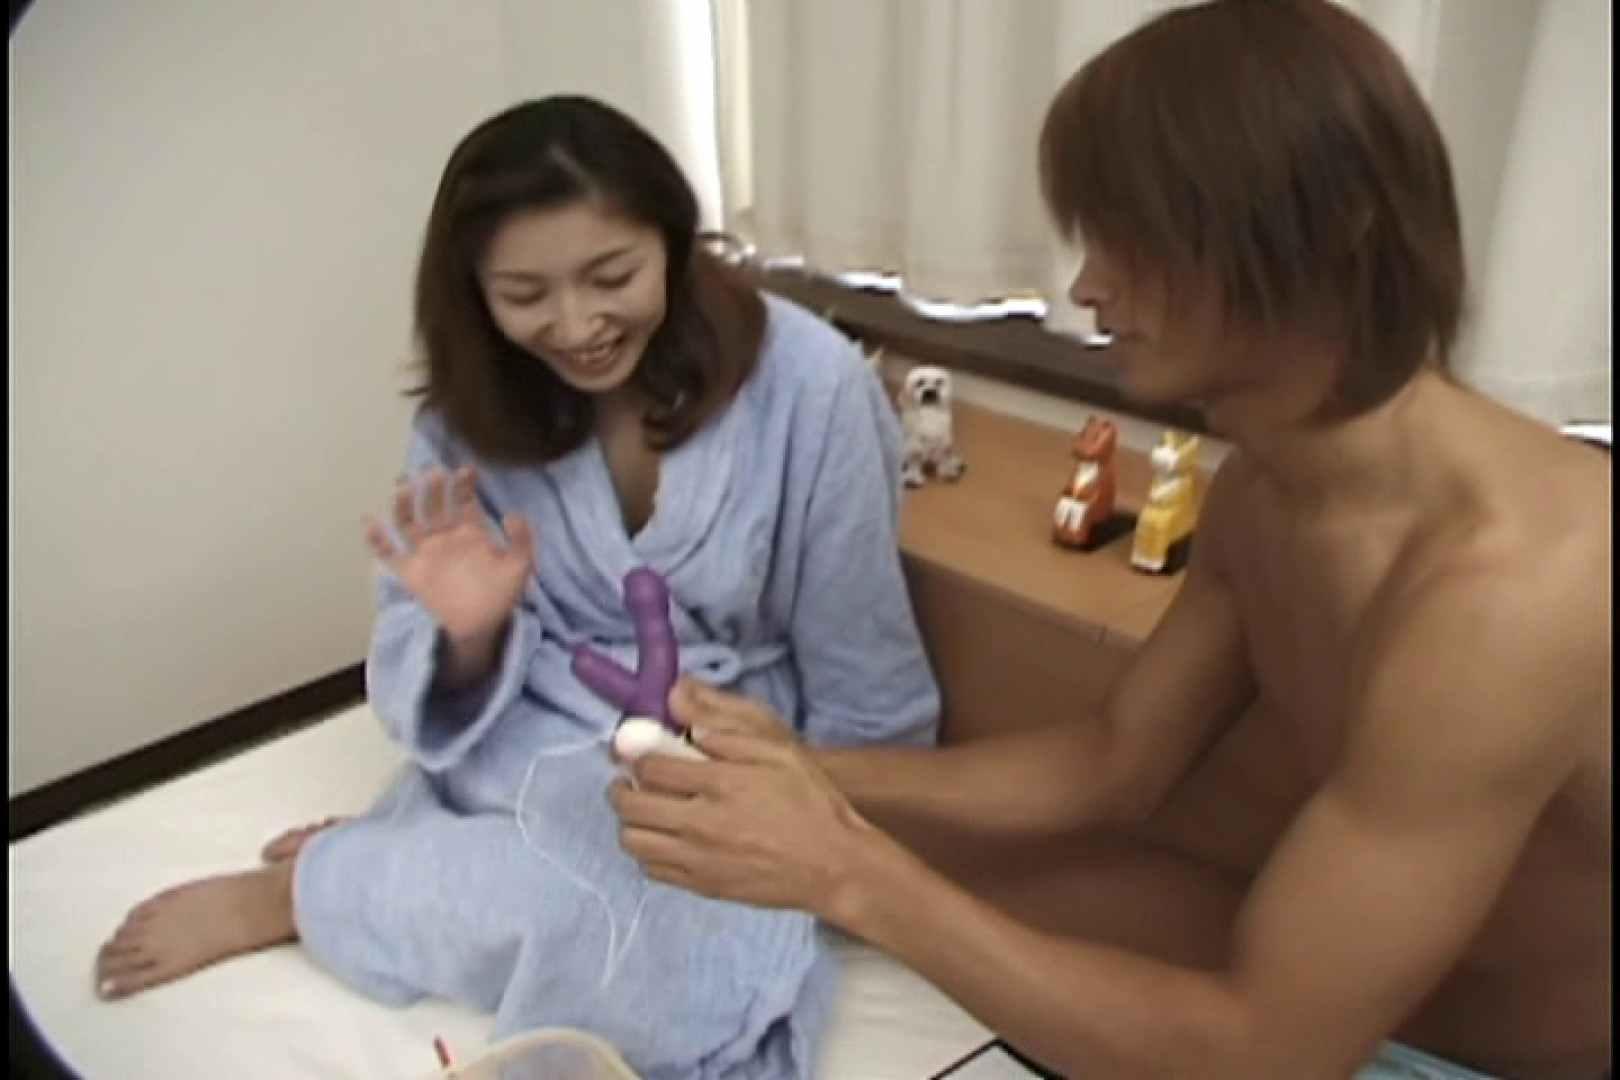 昼間の奥様は欲求不満 ~安田弘美~ SEXプレイ   おっぱい娘  73連発 37